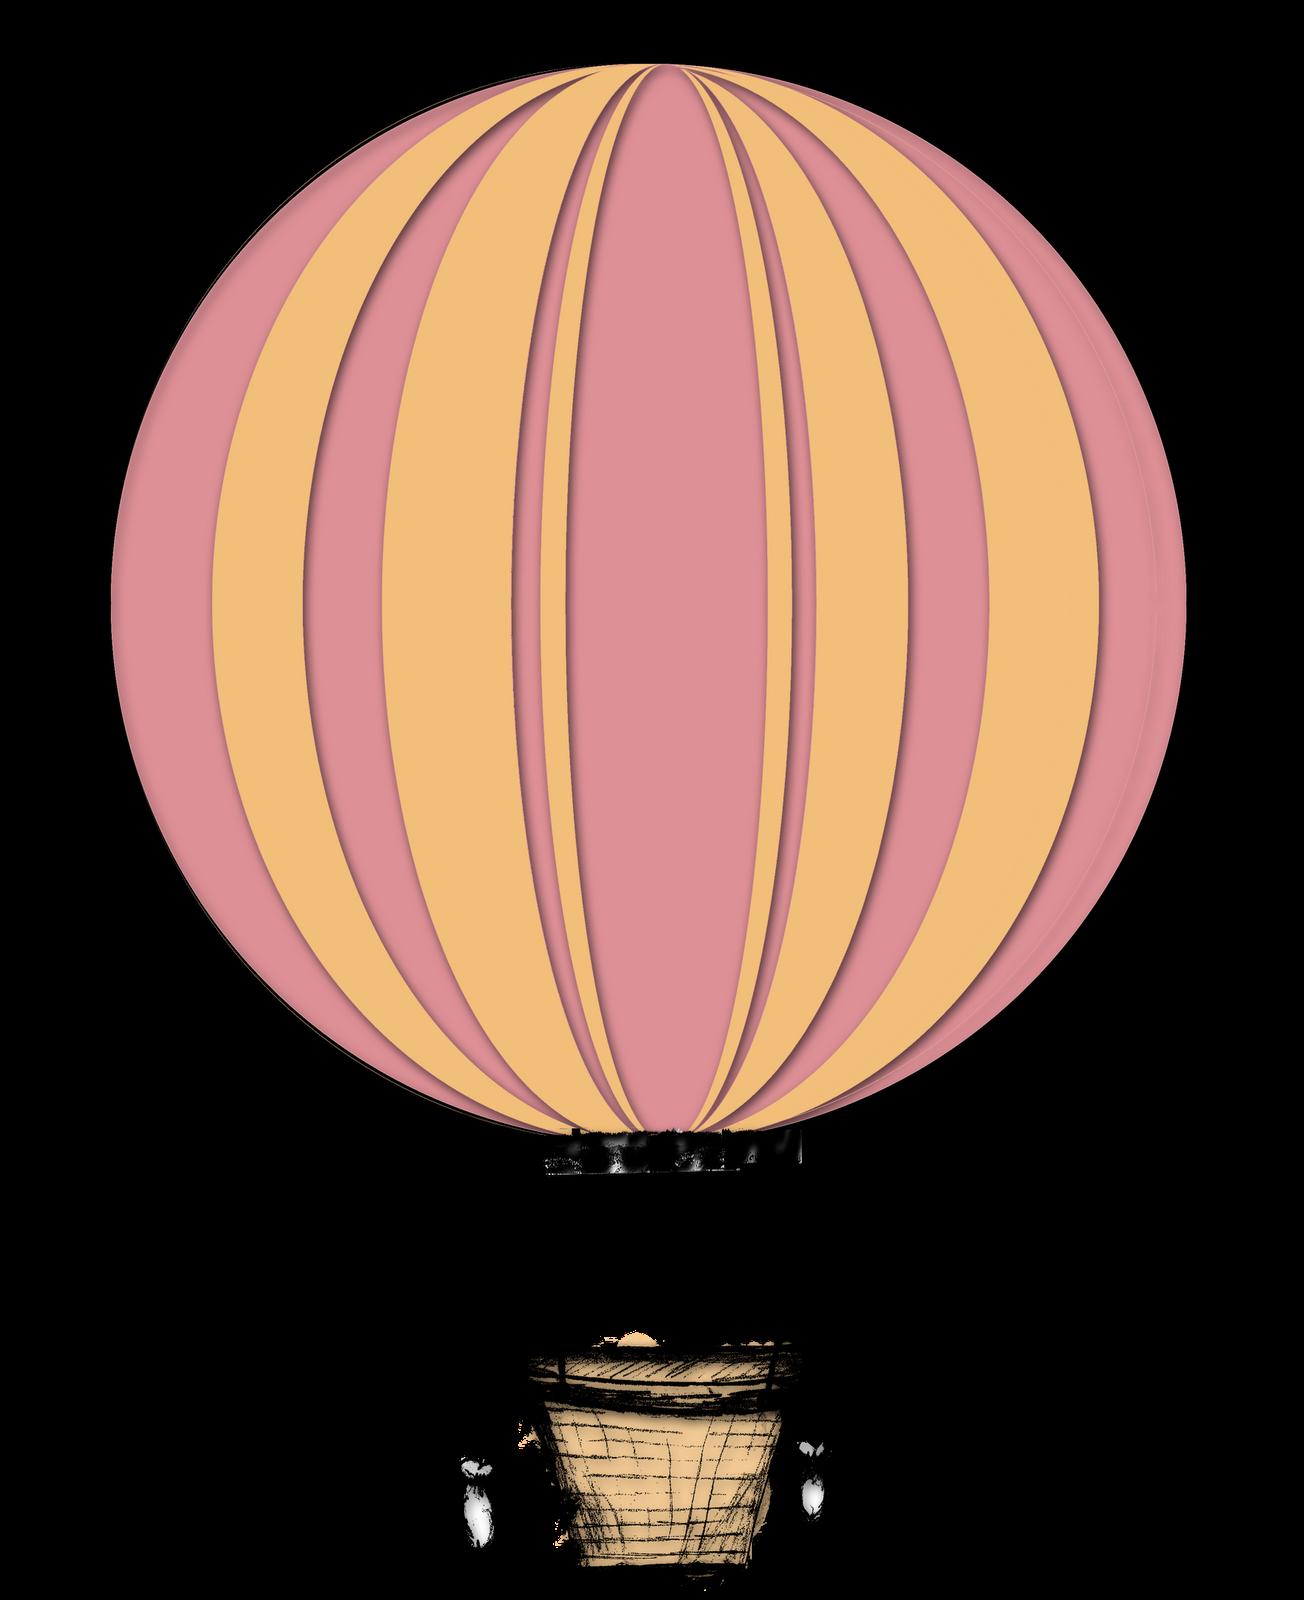 1304x1600 Hot Air Balloon Clip Art 3